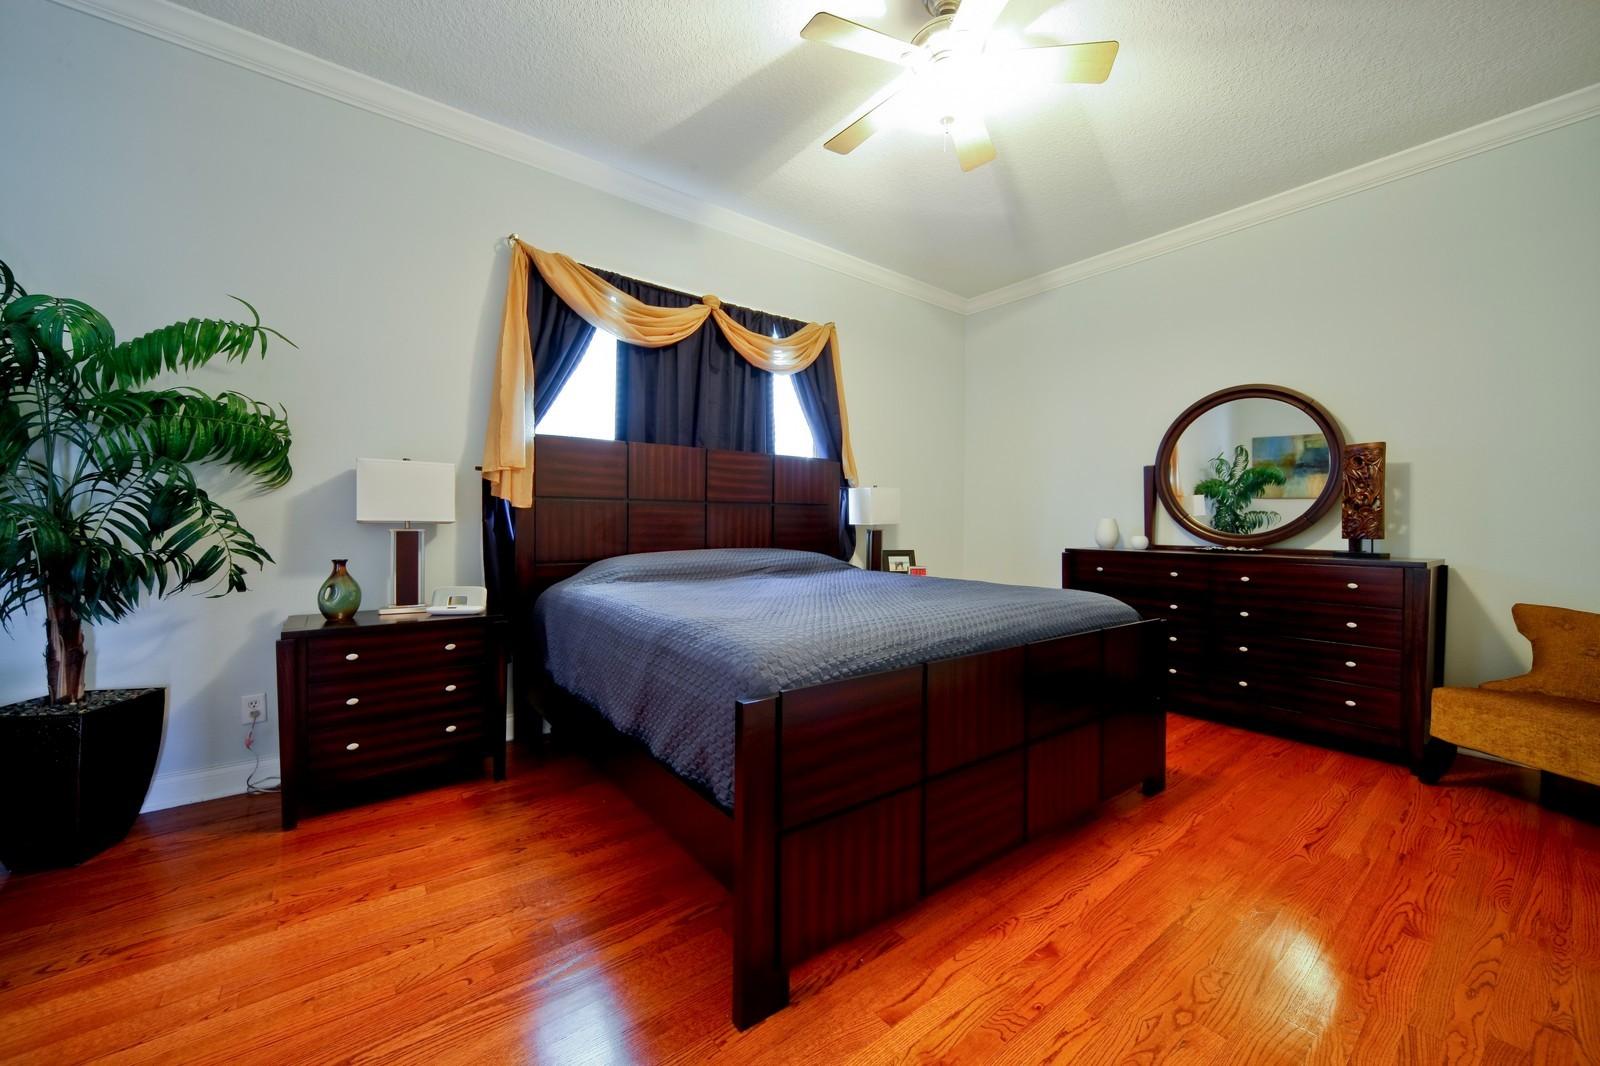 Real Estate Photography - 3812 El Prado Blvd, Tampa, FL, 33629 - Master Bedroom